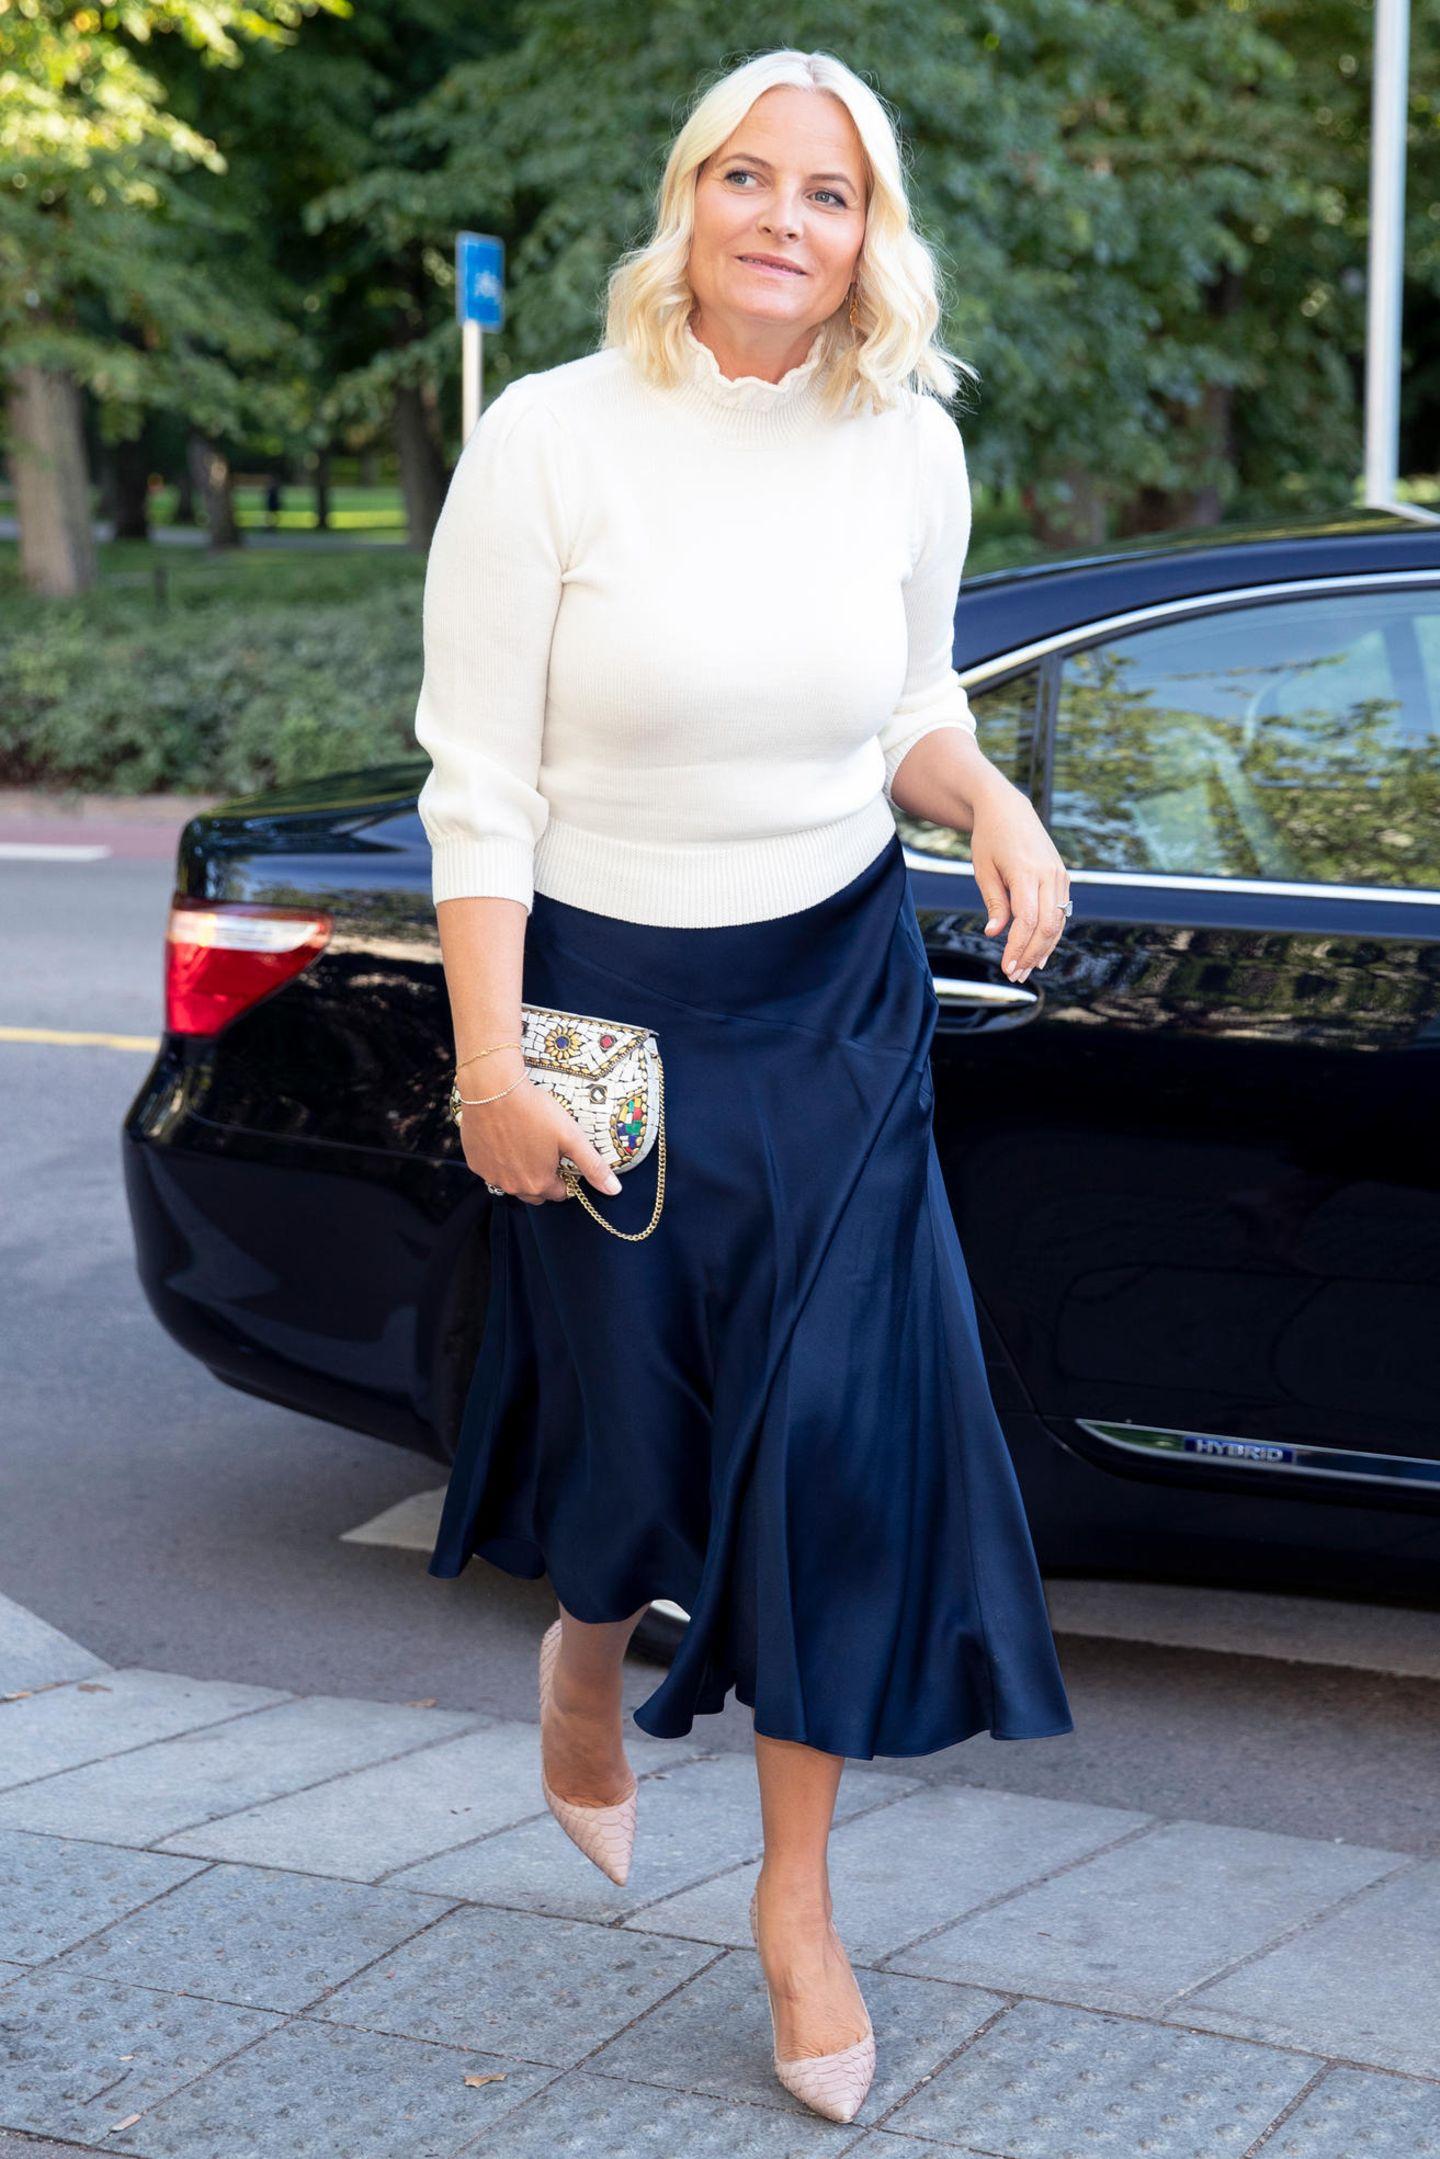 Prinzessin Mette-Marit ist bekannt für ihre zurückhaltenden Outfits und verzichtet meist auf Bling-Bling. Für diesen Look wählte sie allerdings ein echtes Hingucker-Accessoire ...